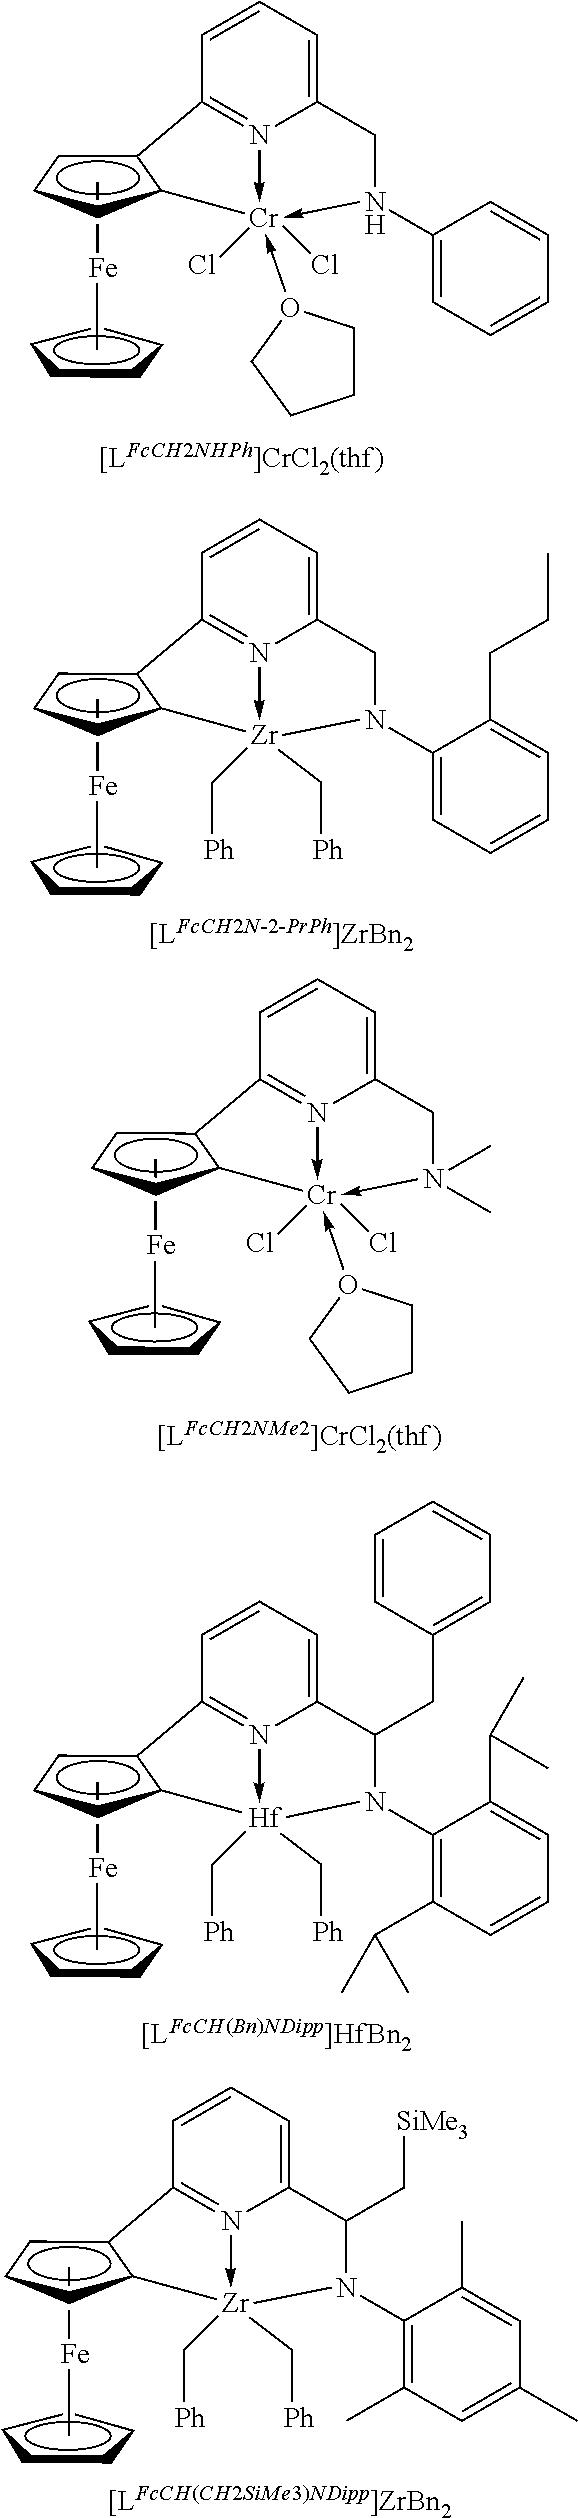 Figure US08163853-20120424-C00011